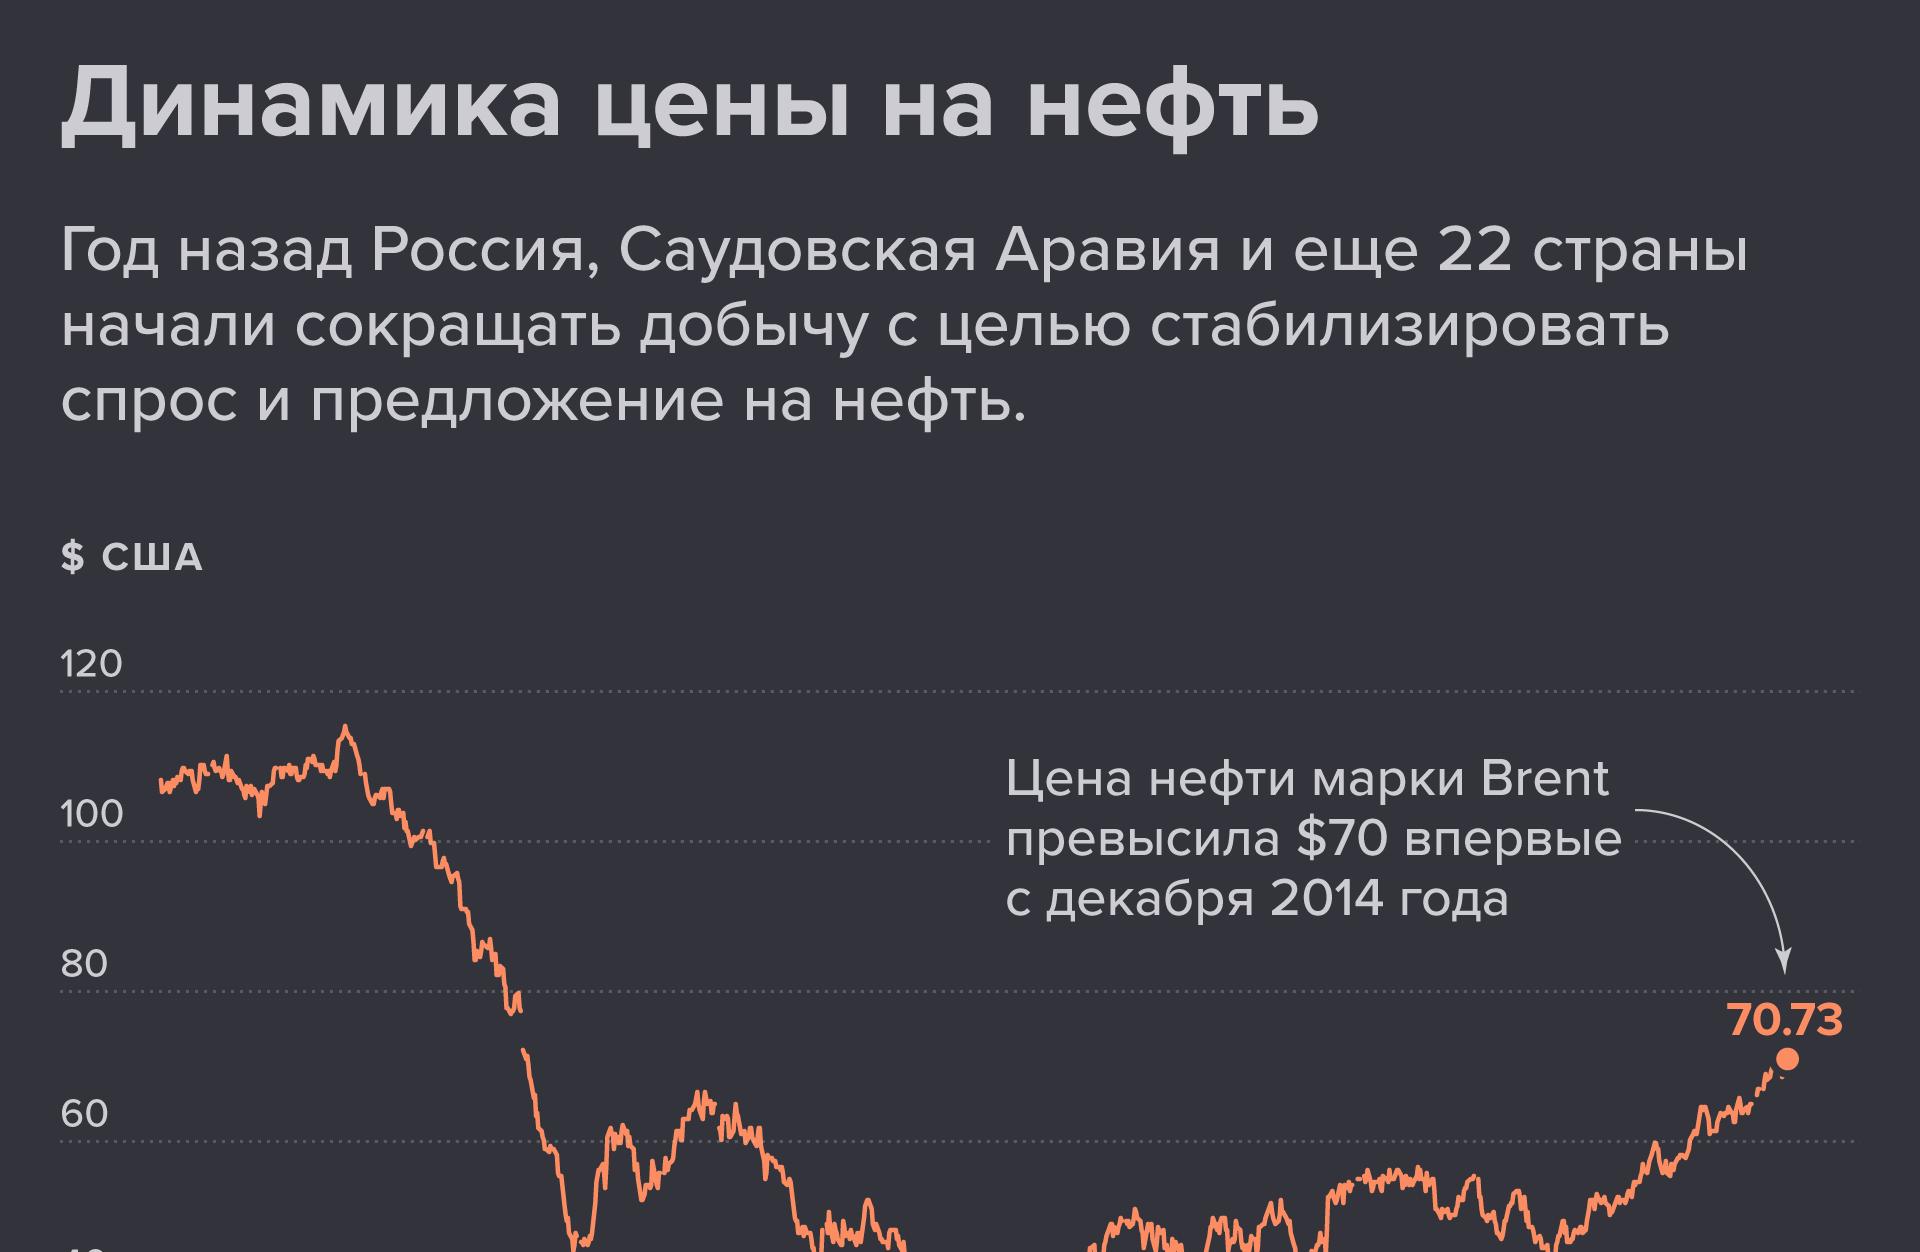 Как менялась цена на нефть в последние годы